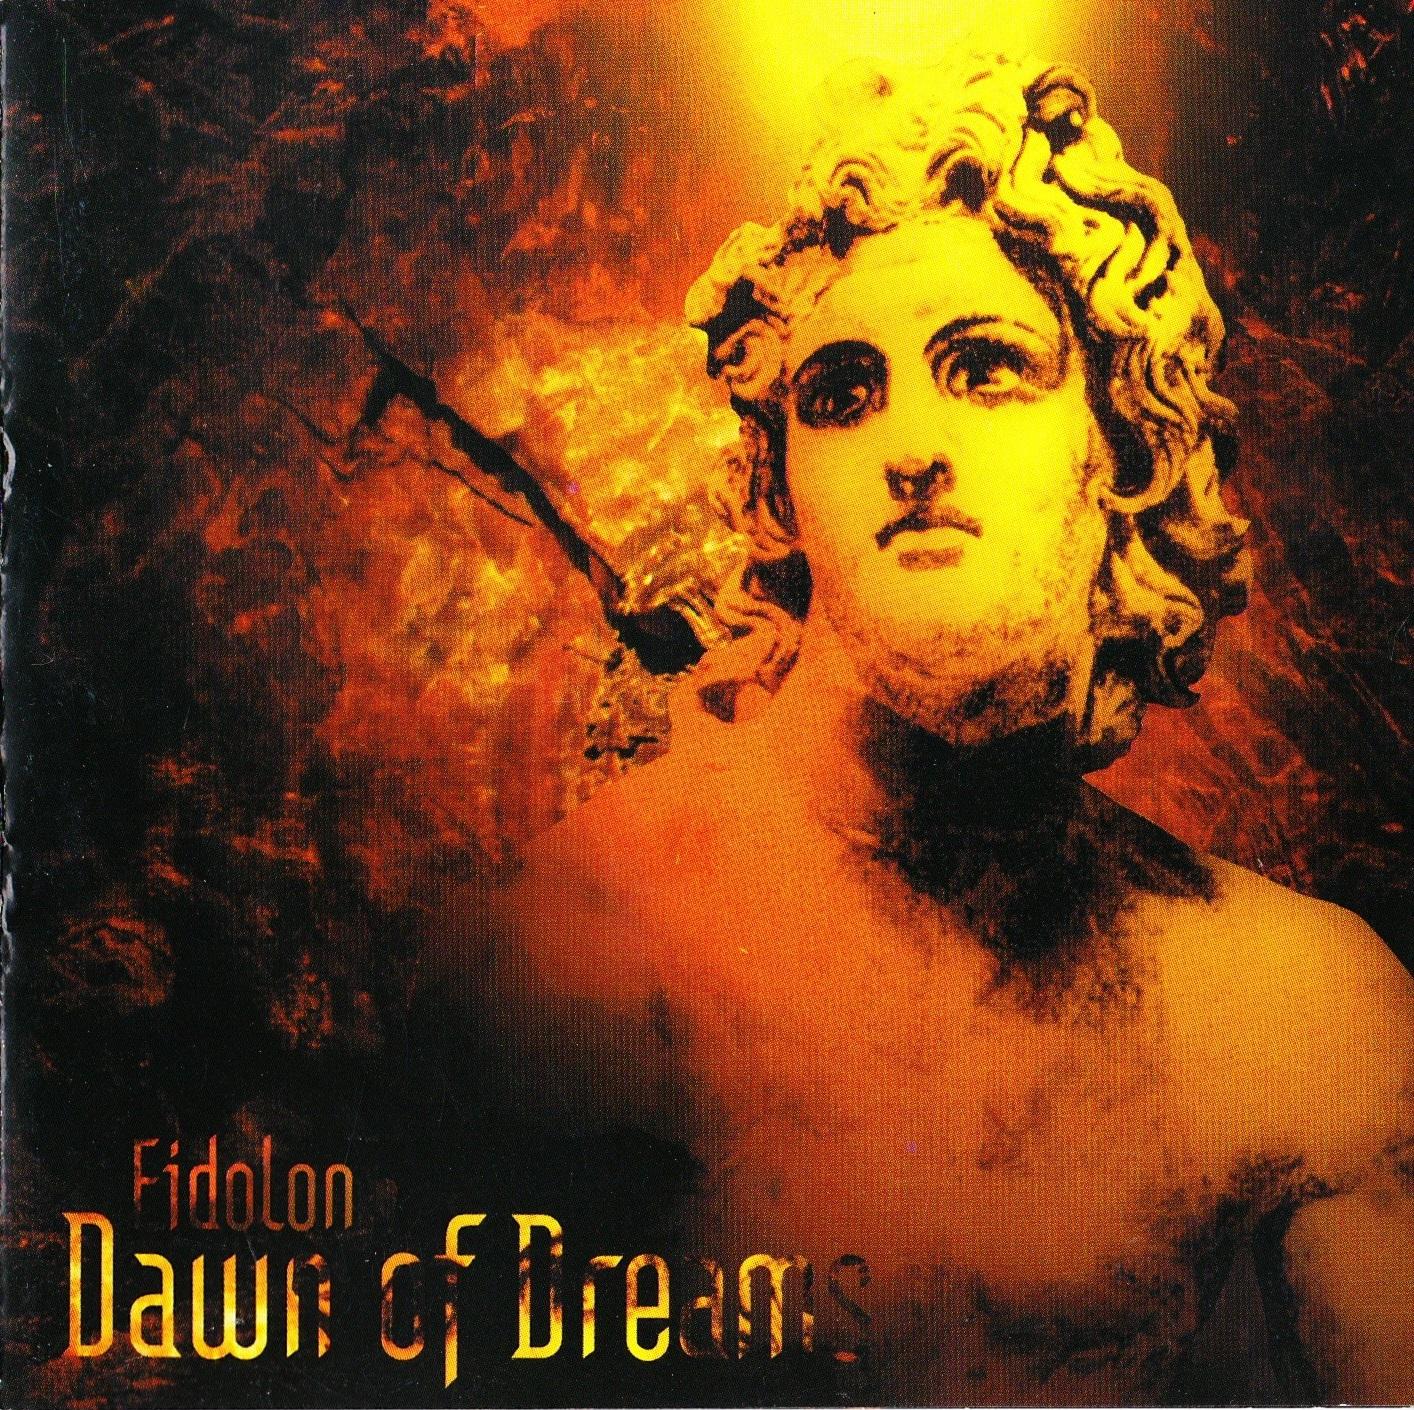 Dawn of Dreams — Eidolon (2001)